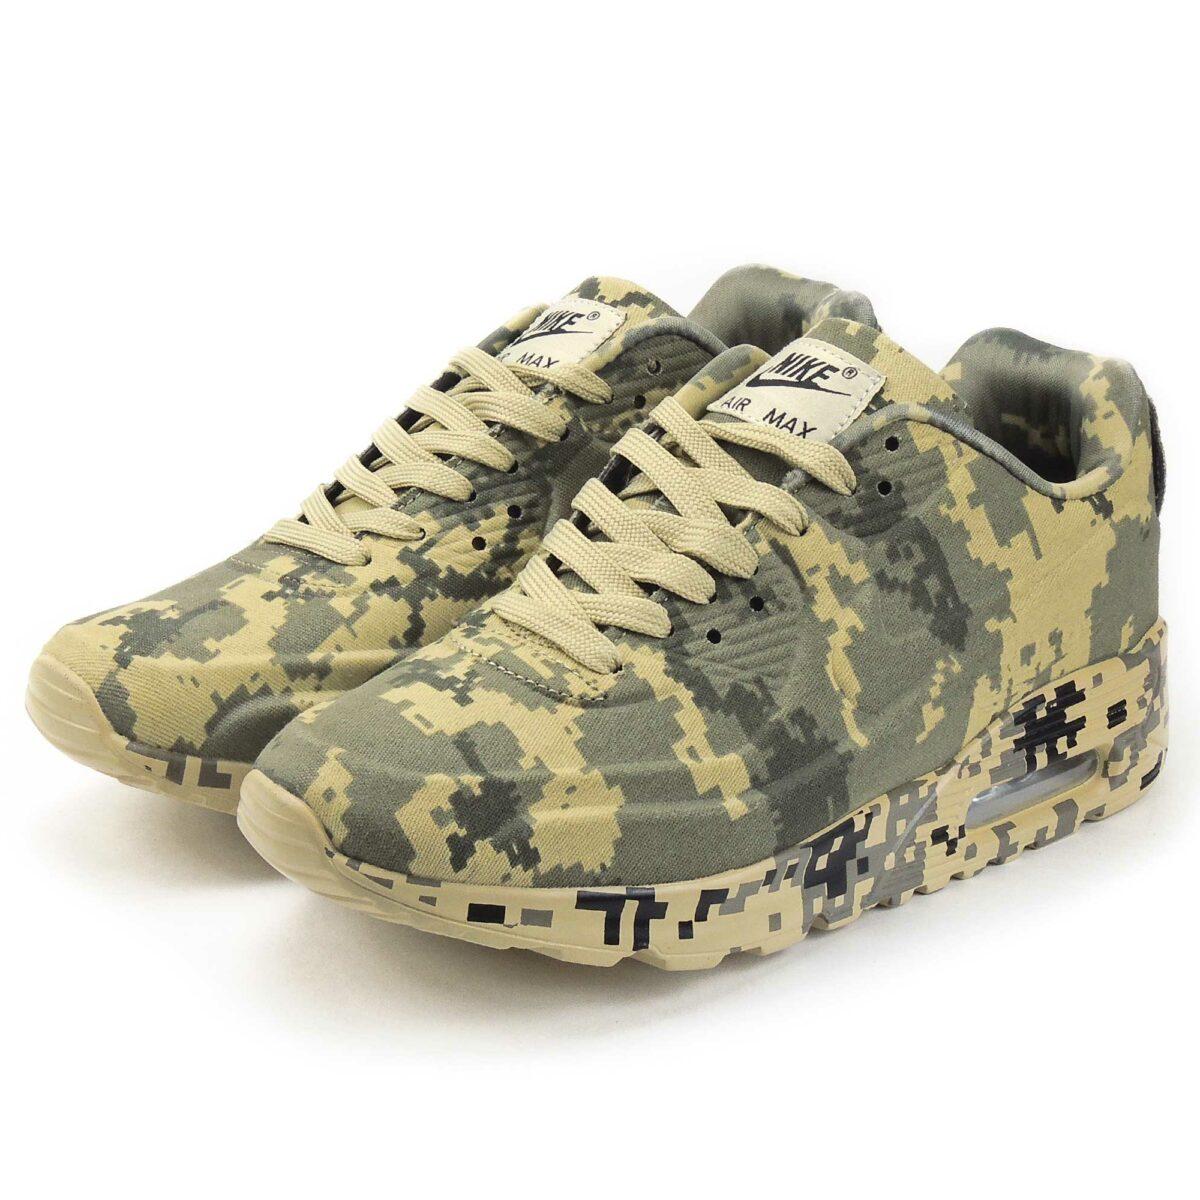 nike air max 90 VT camouflage green beige 486988_521 купить